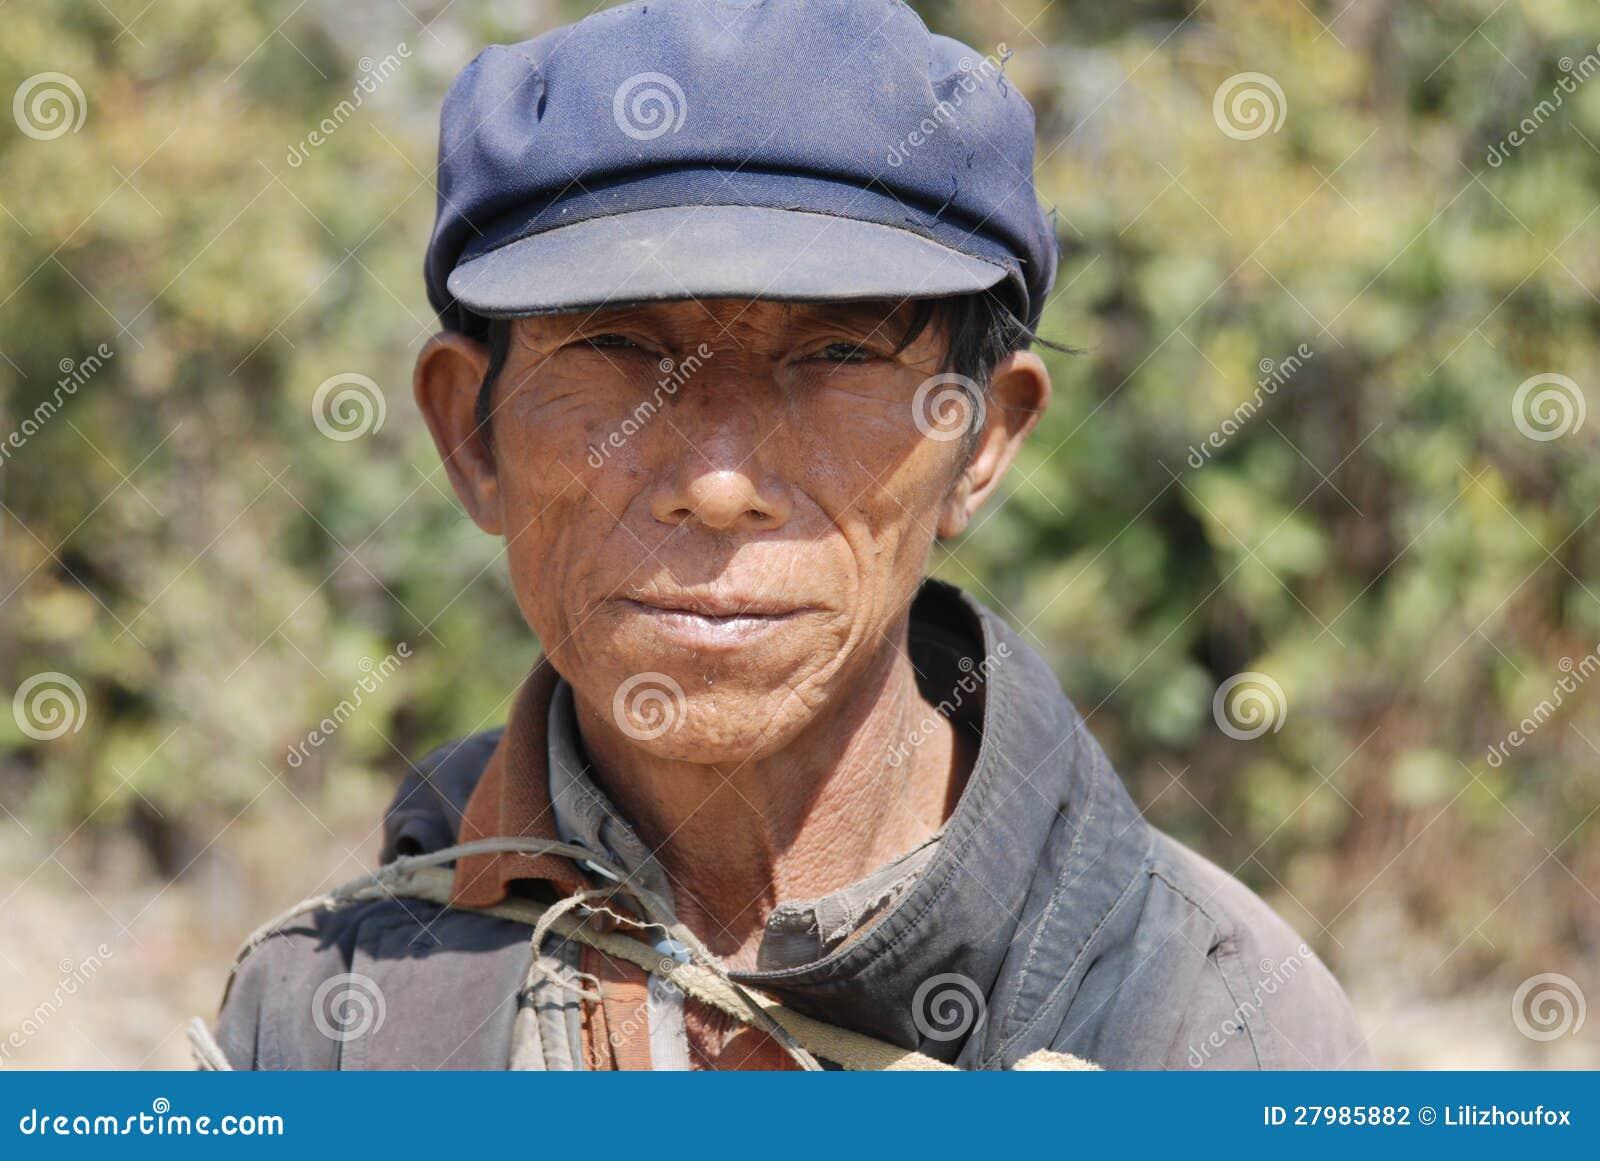 Άνθρωπος Yi στη νοτιοδυτική Κίνα